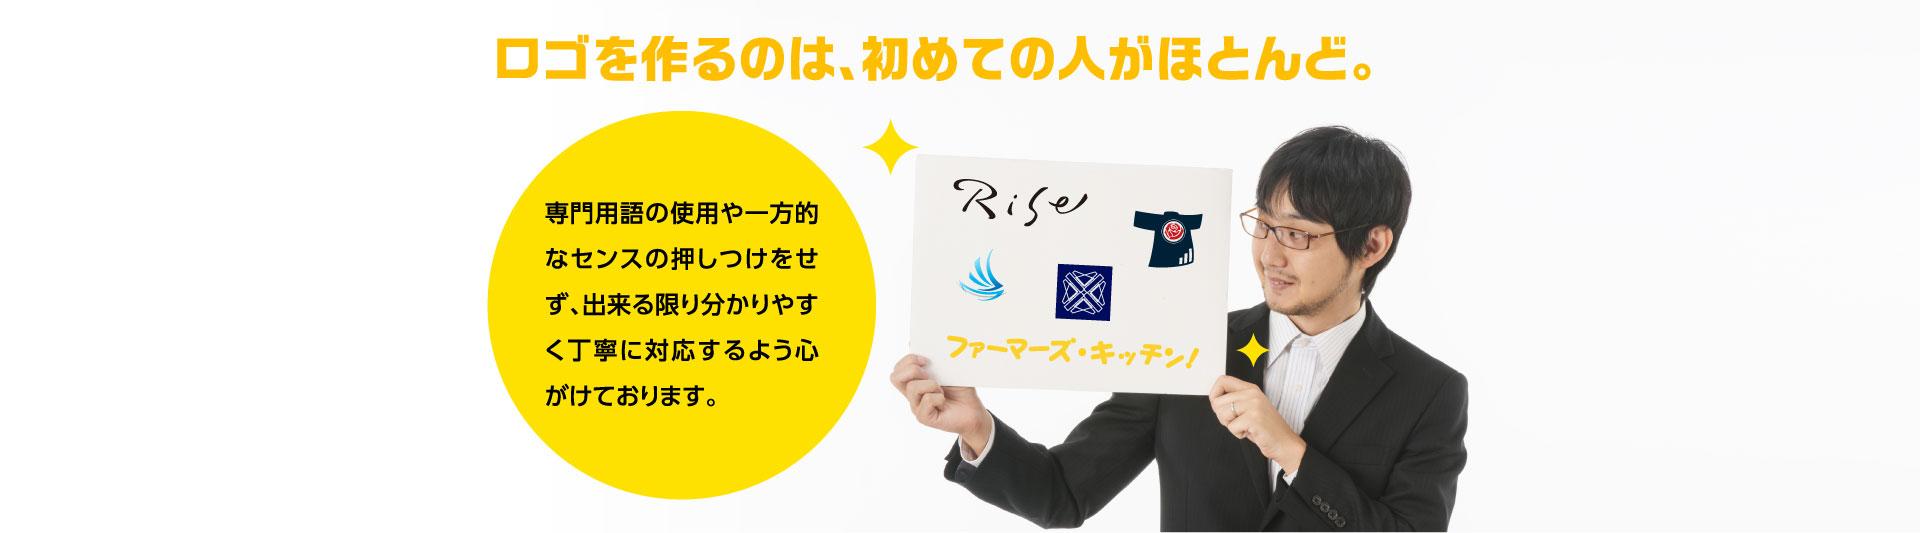 banner slide 2